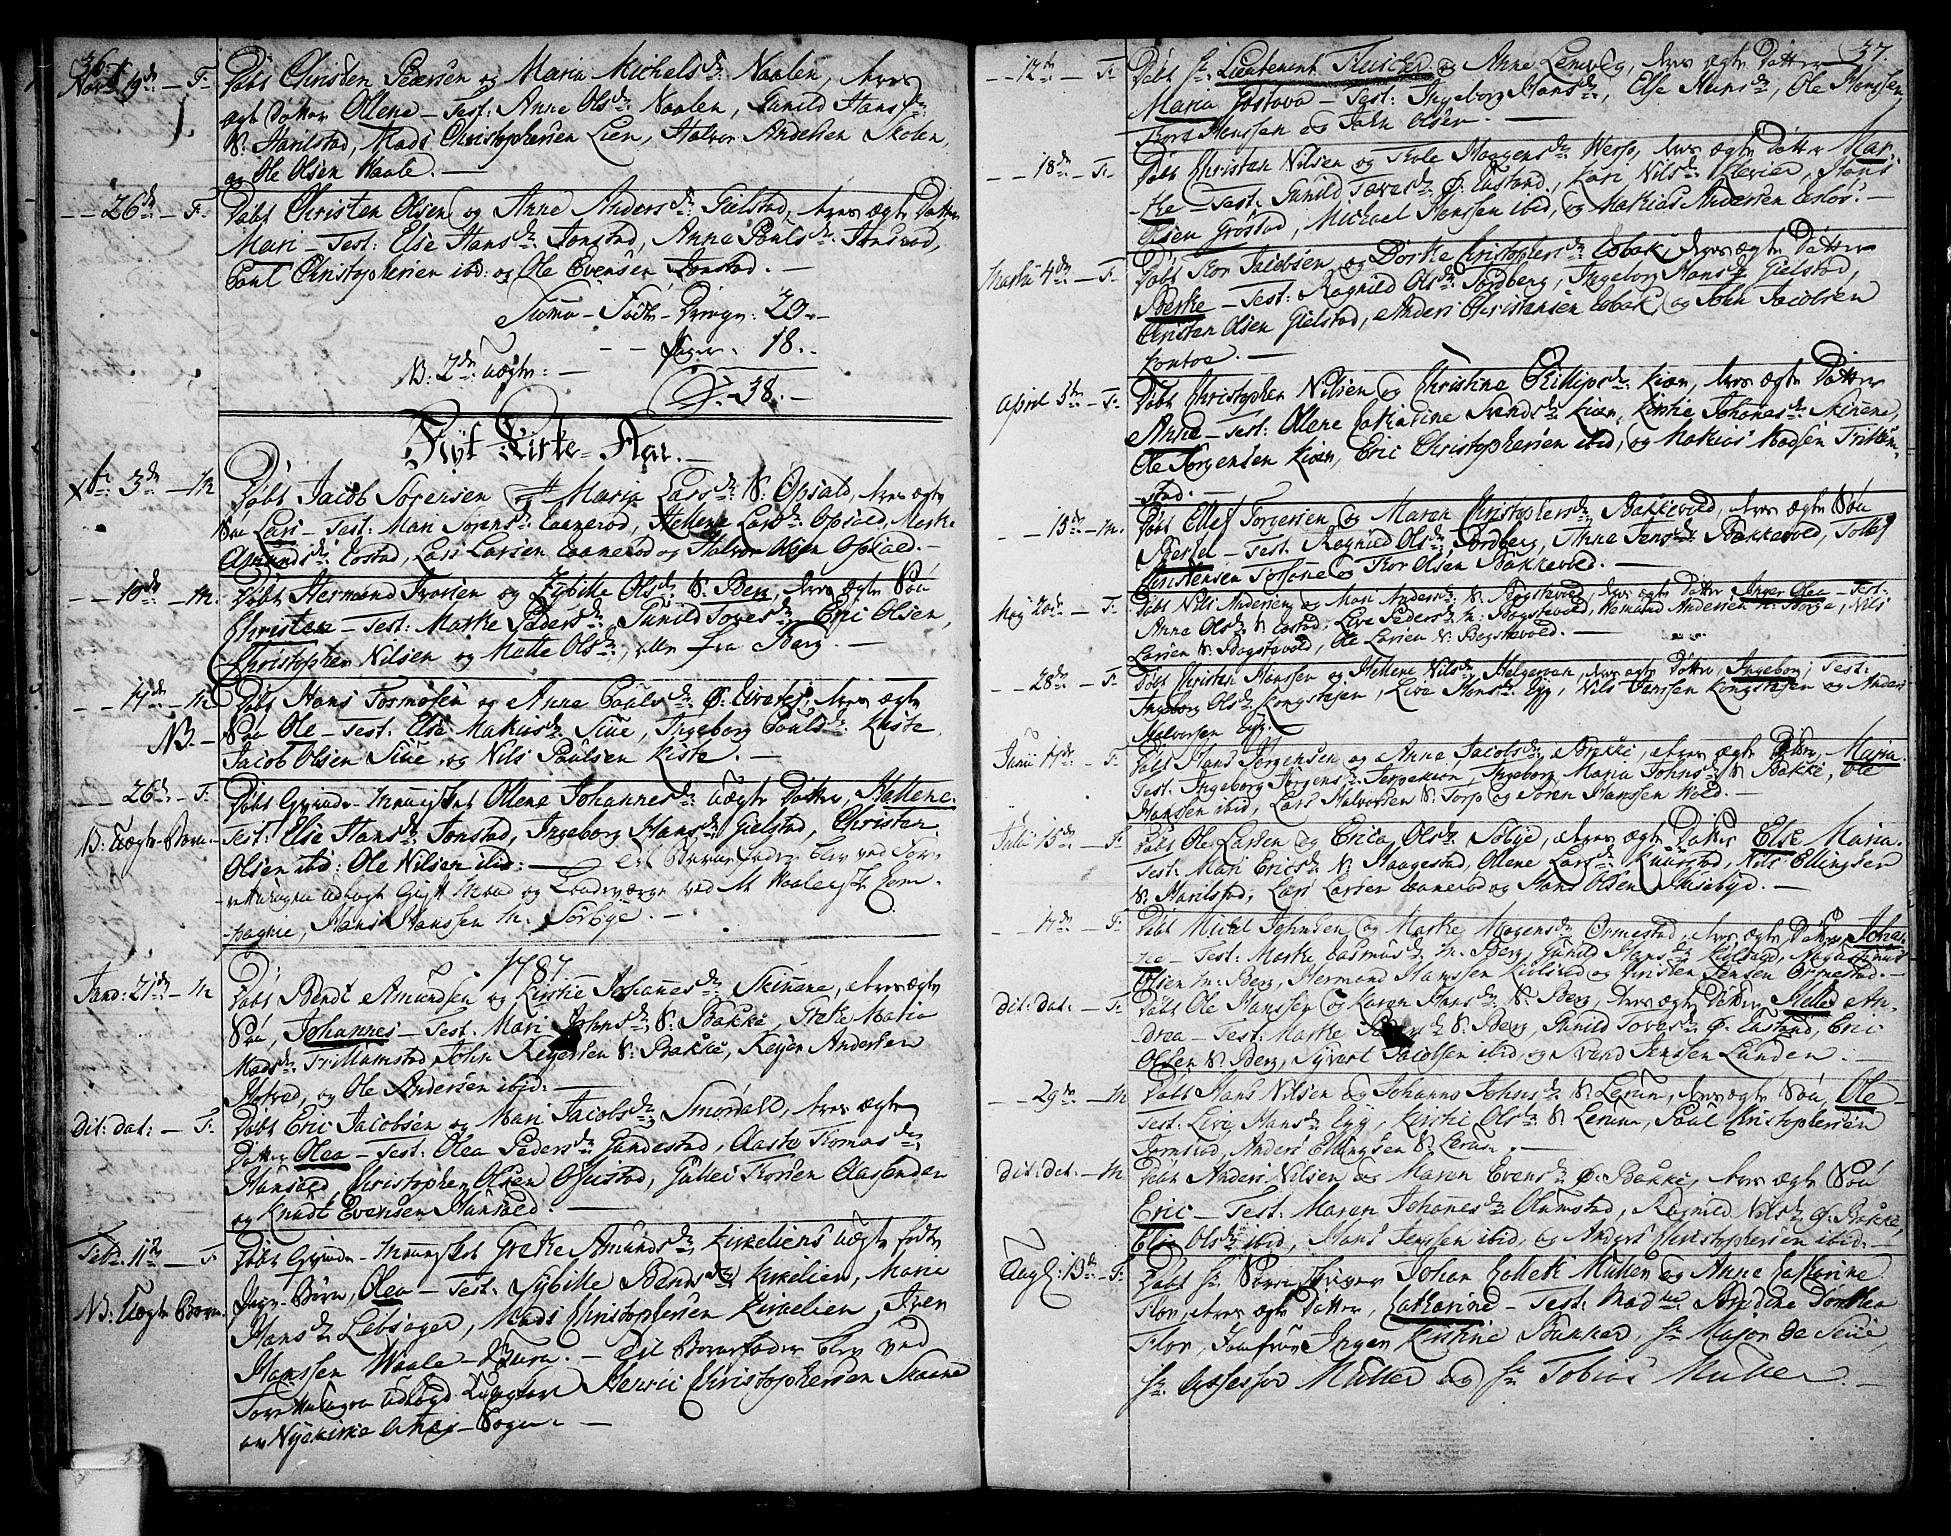 SAKO, Våle kirkebøker, F/Fa/L0005: Parish register (official) no. I 5, 1773-1808, p. 36-37